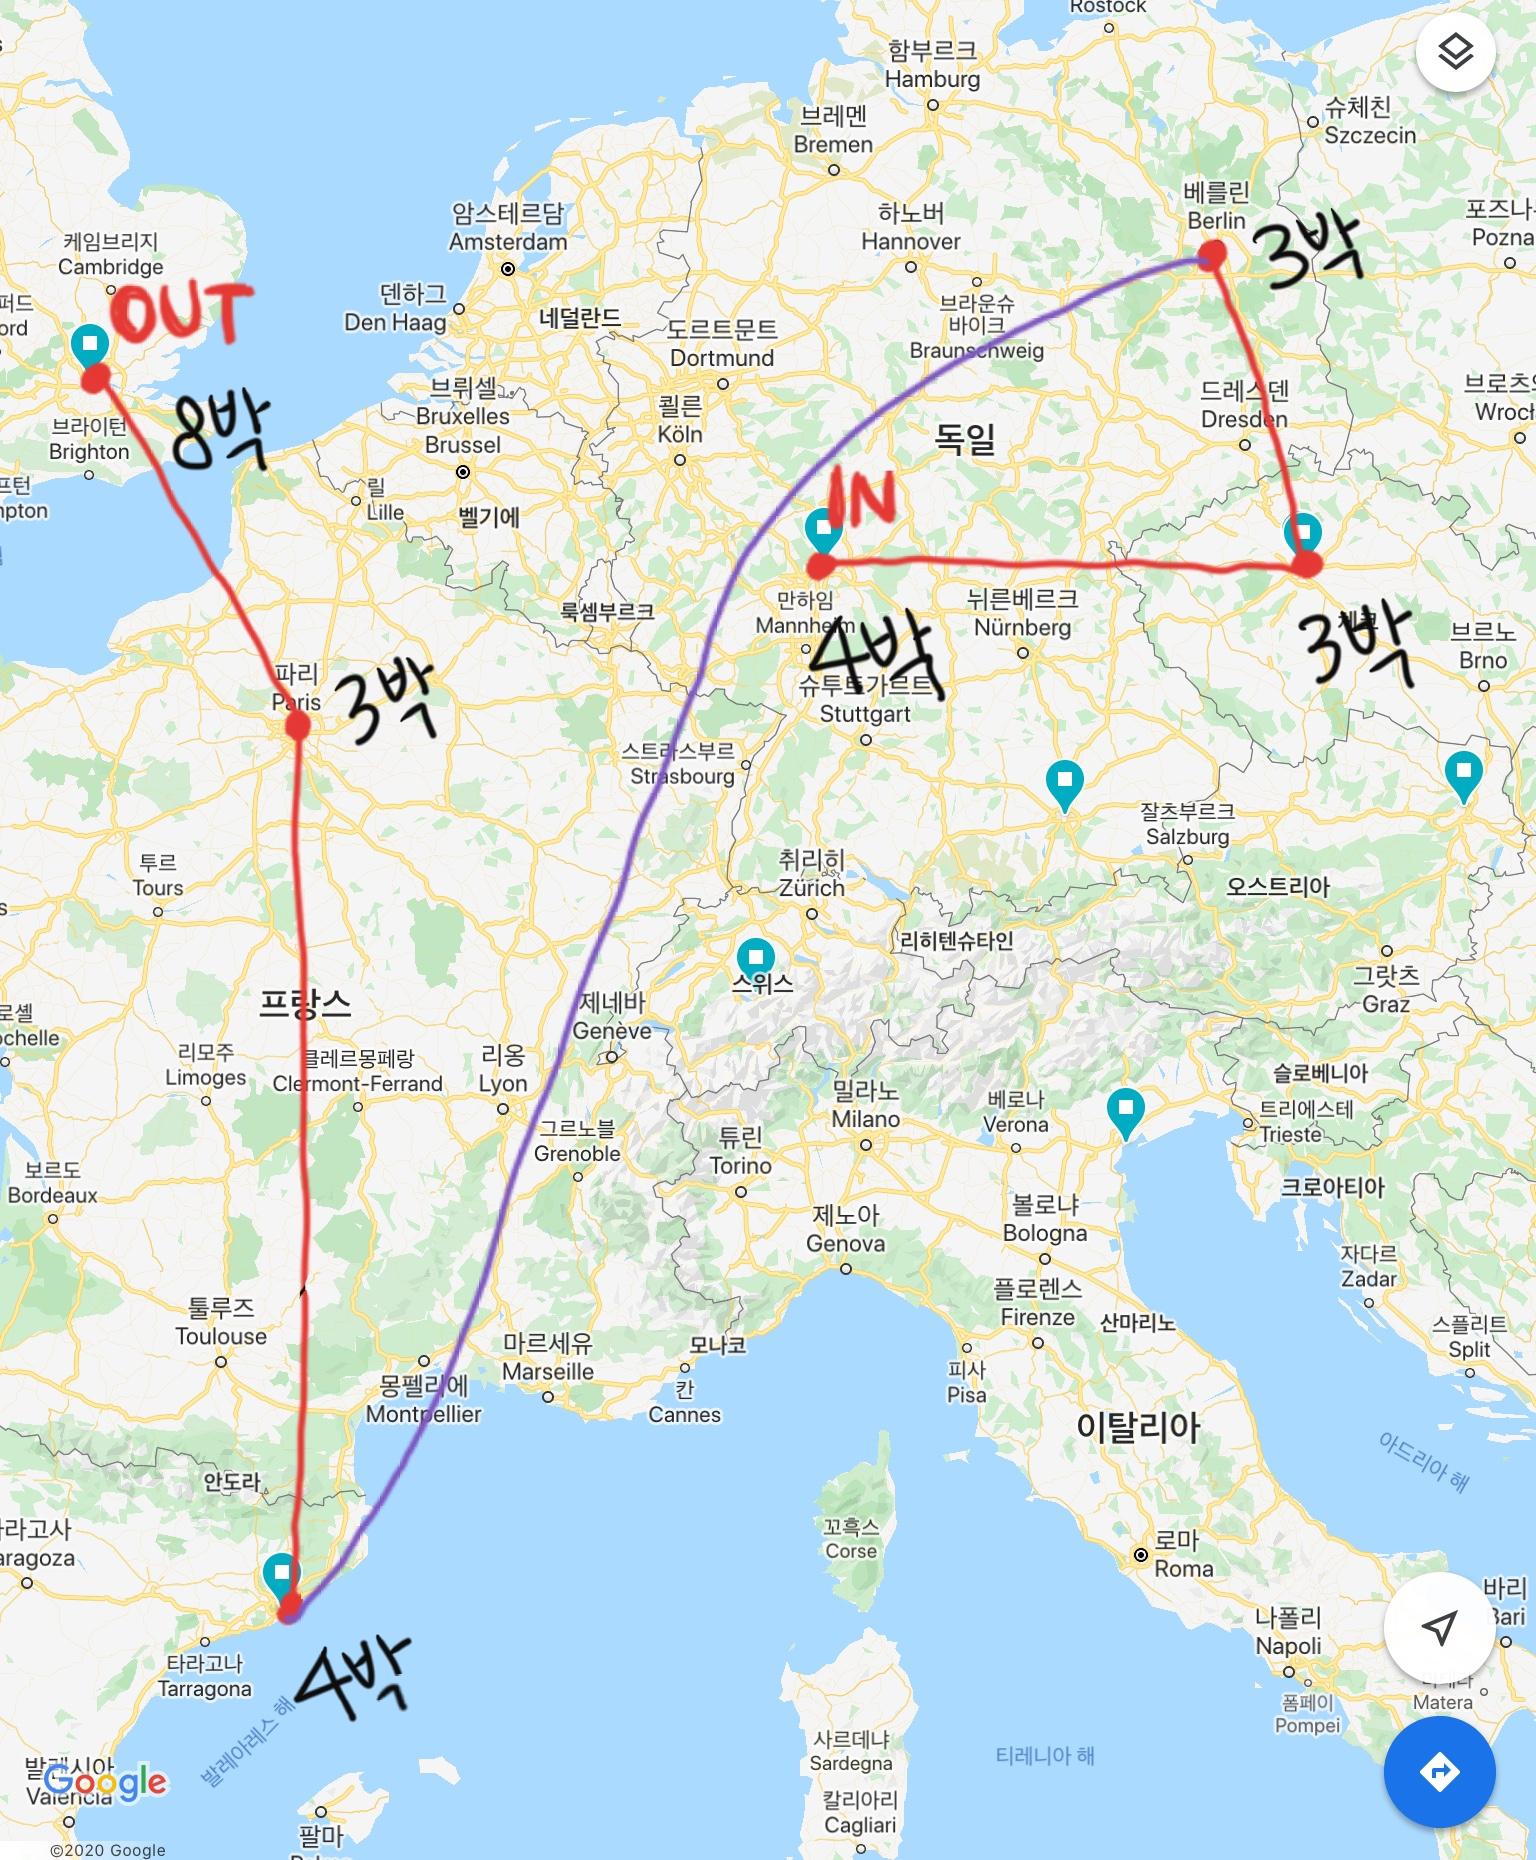 유럽여행 기간/루트 봐줘✈✈🇩🇪🇨🇿🇩🇪🇪🇦🇫🇷🇬🇧 | 인스티즈